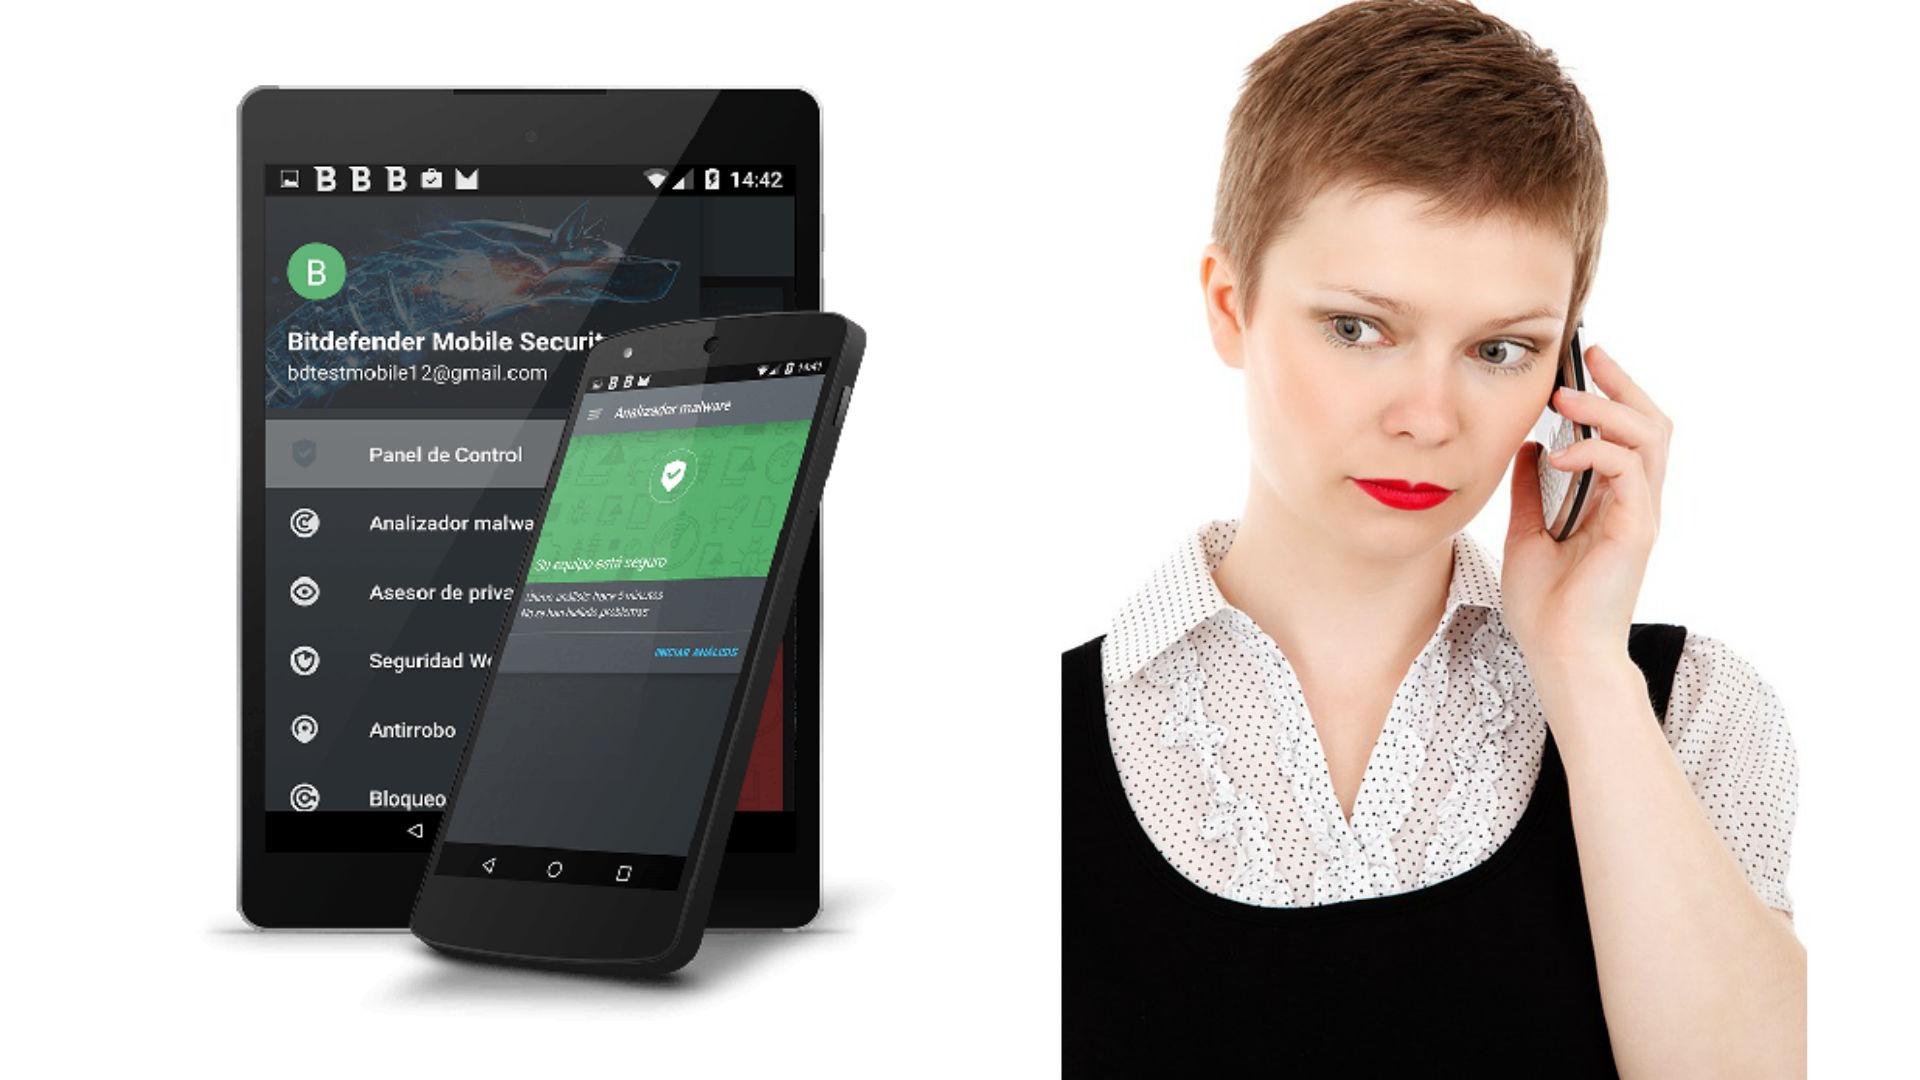 bitdefender_mobile_security.jpg